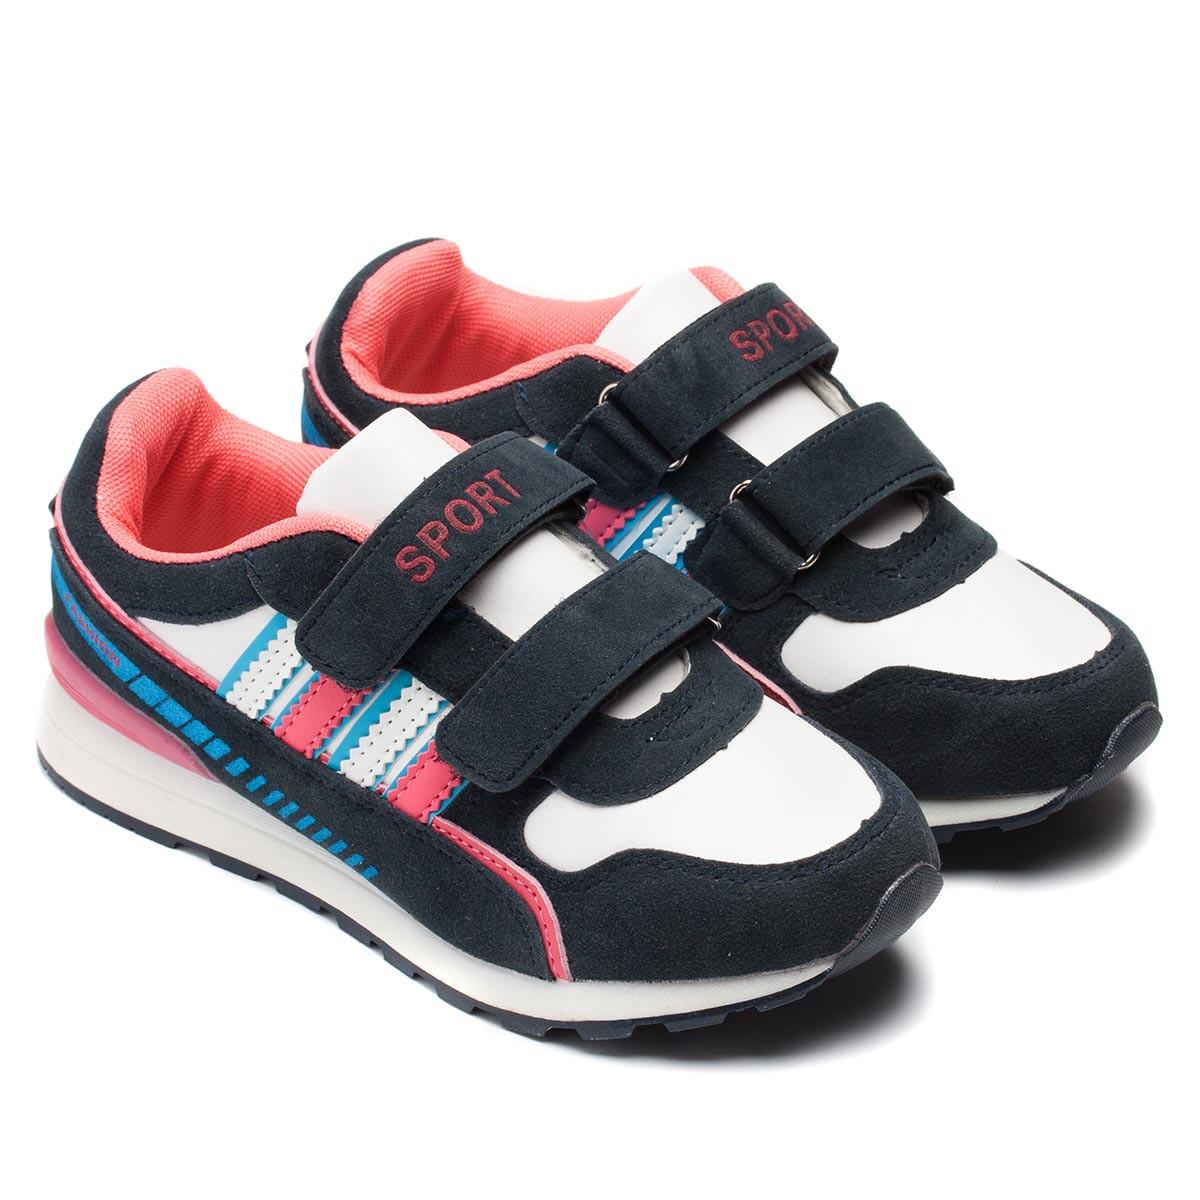 Спортивная обувь для девочки, кроссовки Солнце, размер 32-37